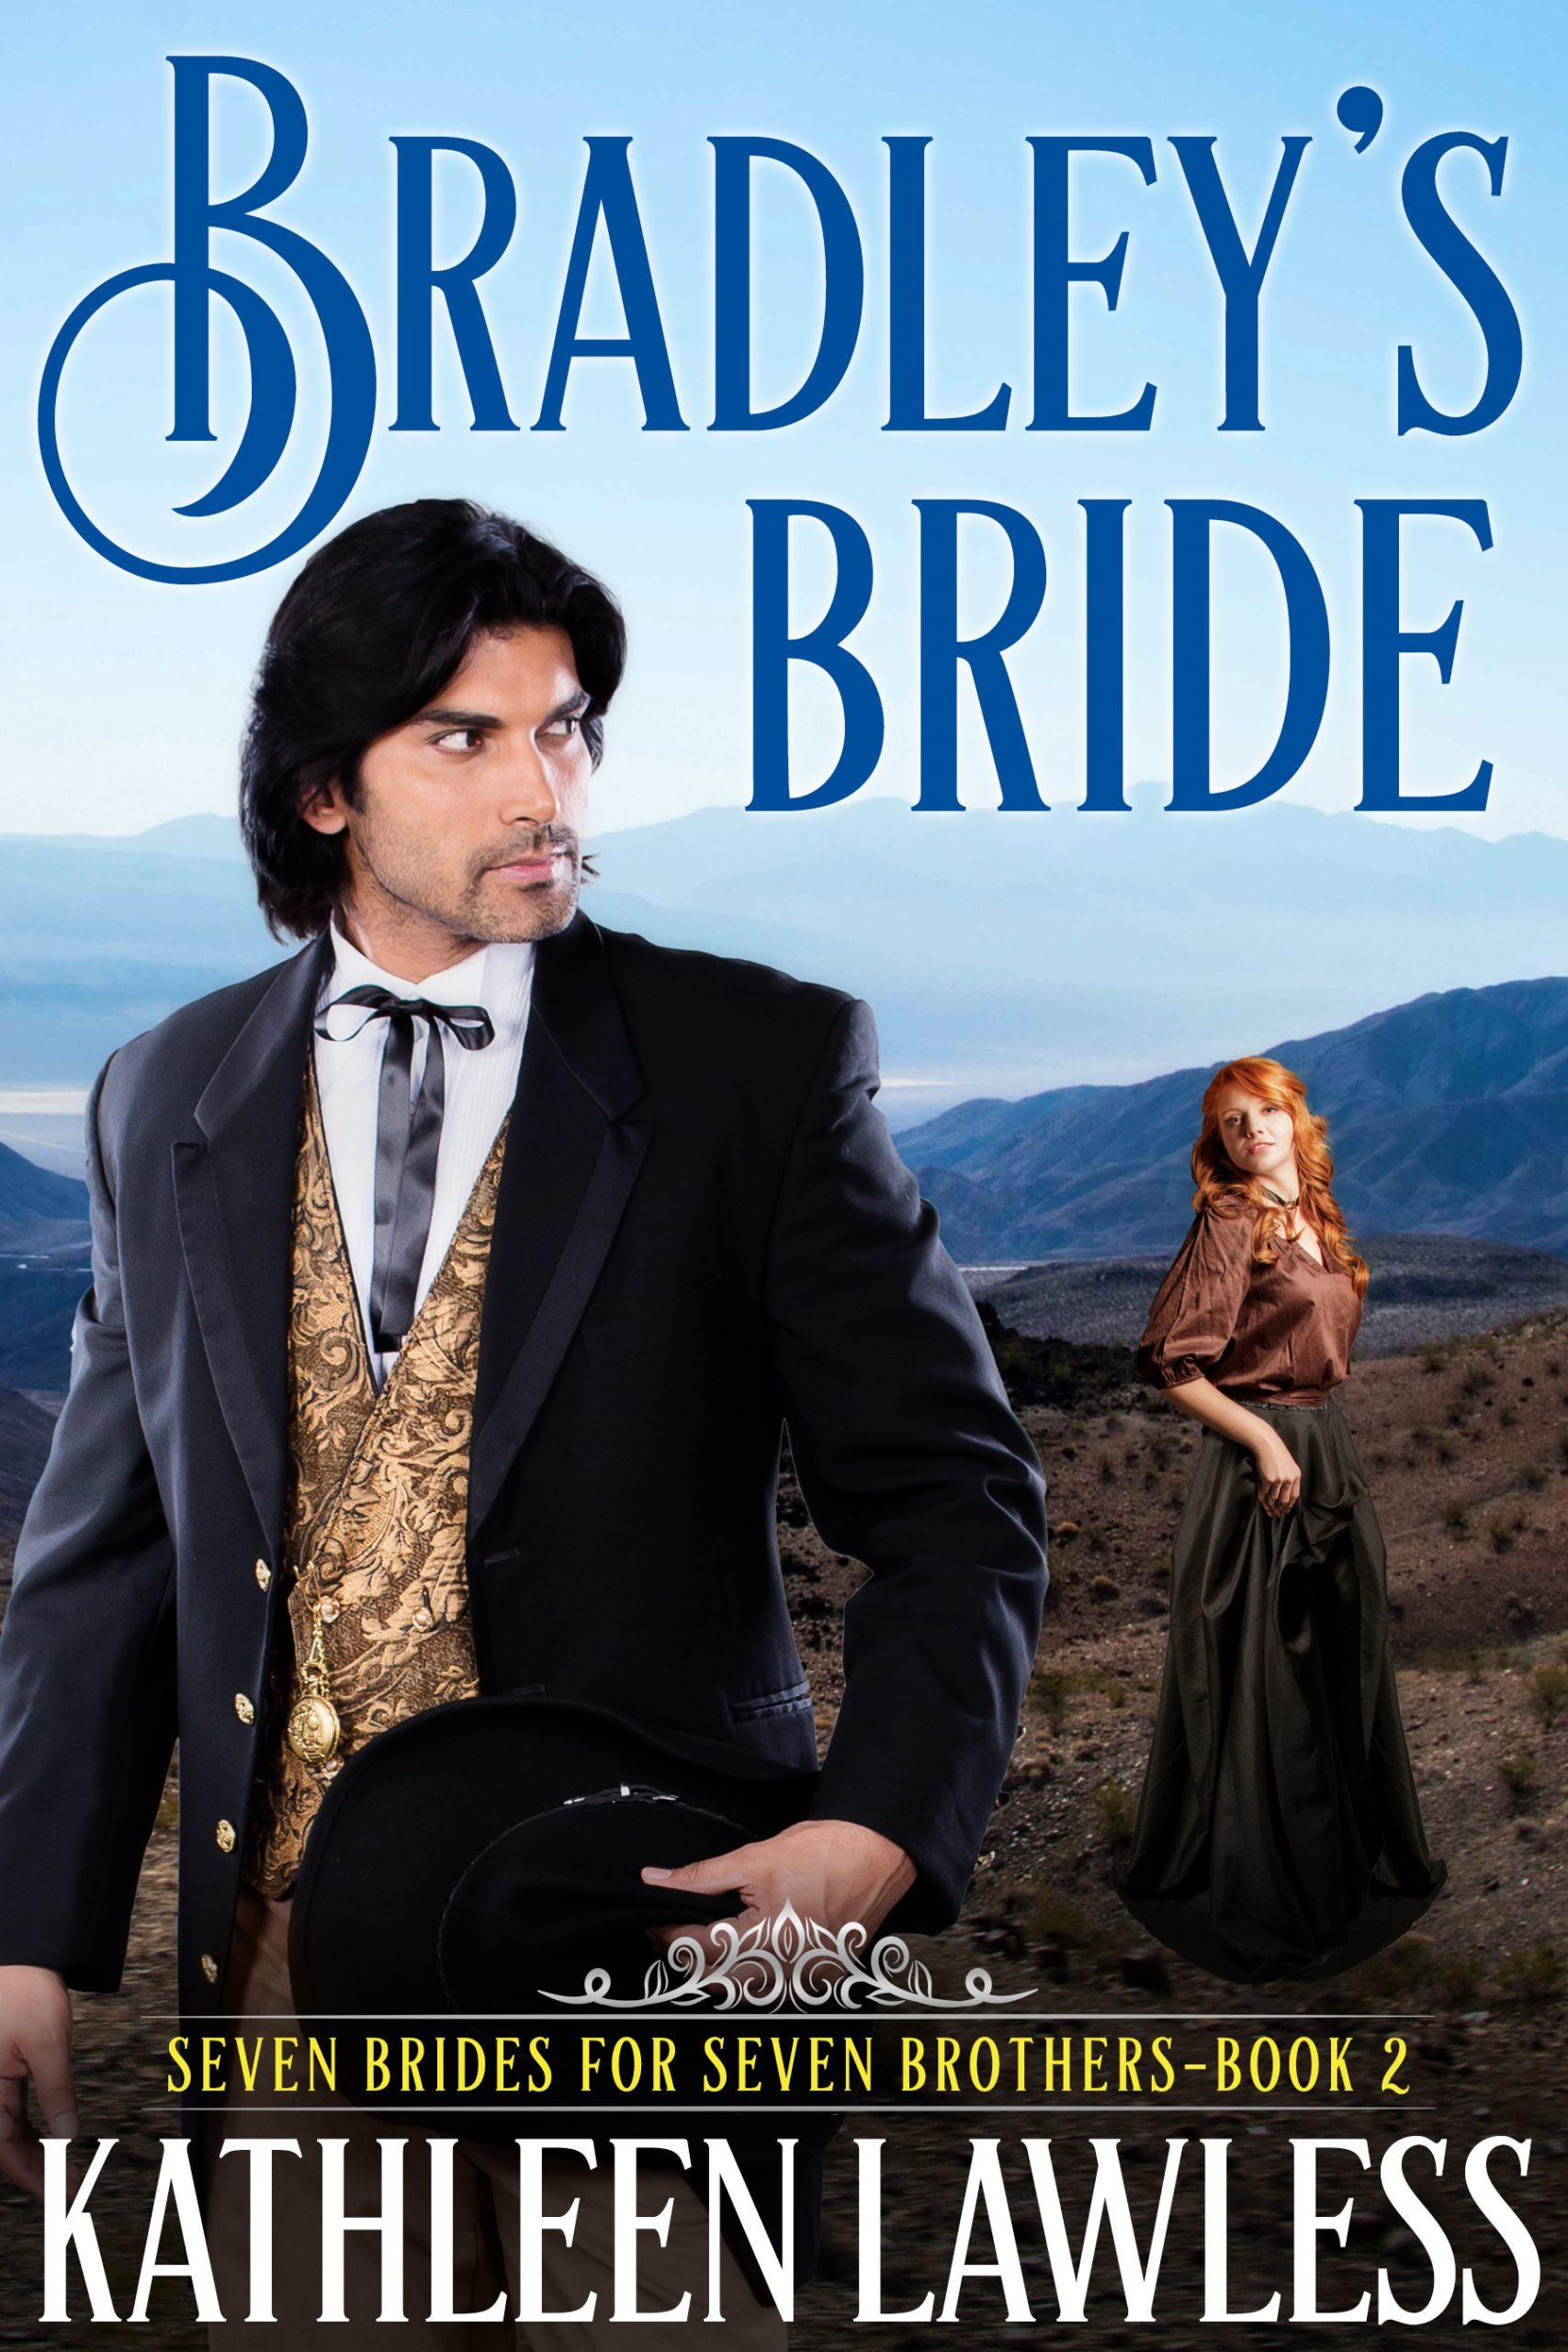 Bradley's Bride by Kathleen Lawless